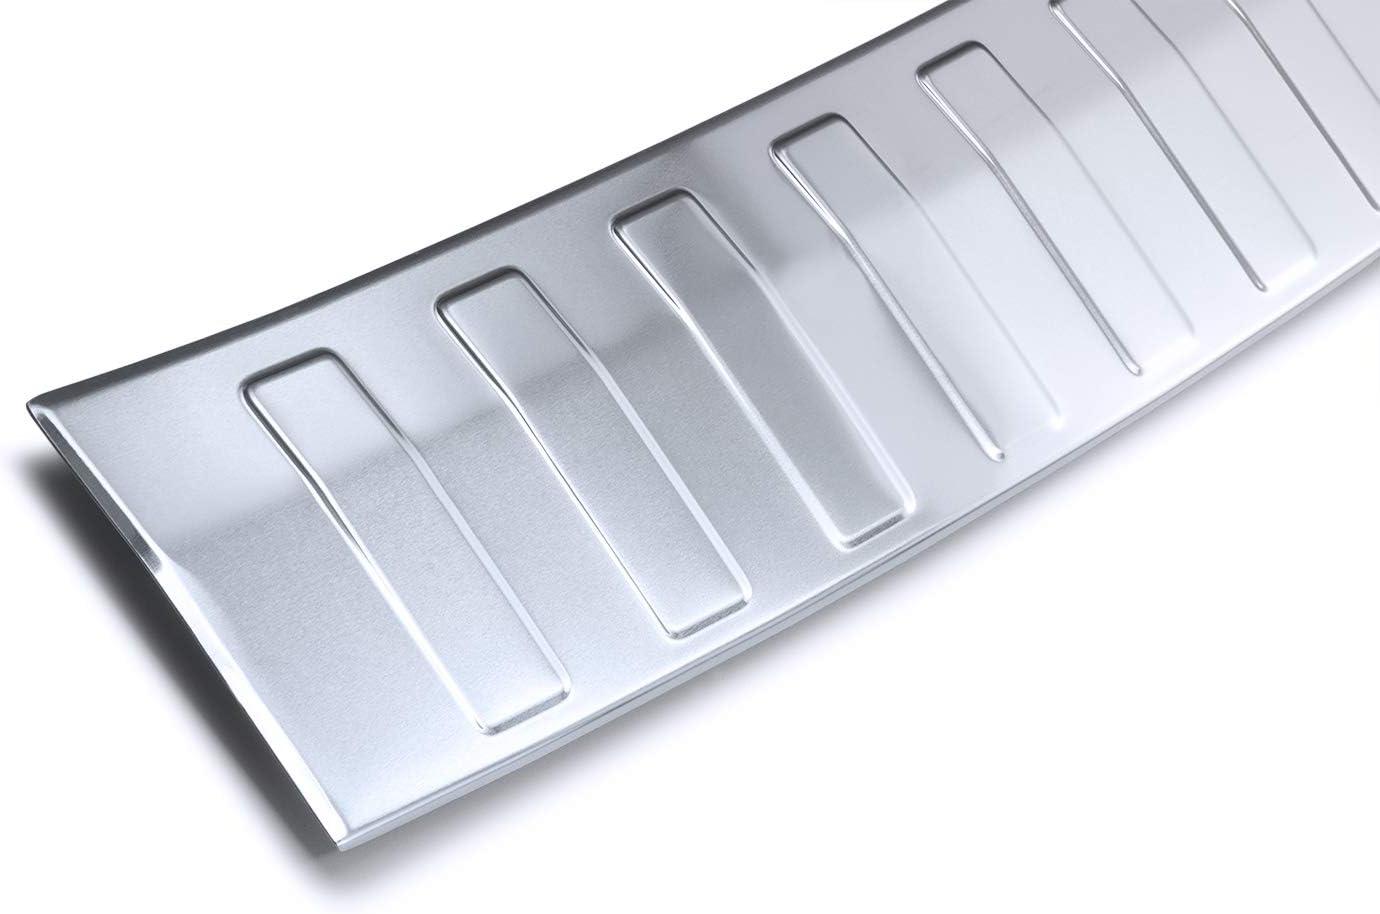 Farbe:Silber einfache Montage teileplus24 AL117 Ladekantenschutz aus technischem Vollaluminium mit 3D Pr/ägungen und Abkantung fahrzeugspezifische Passform